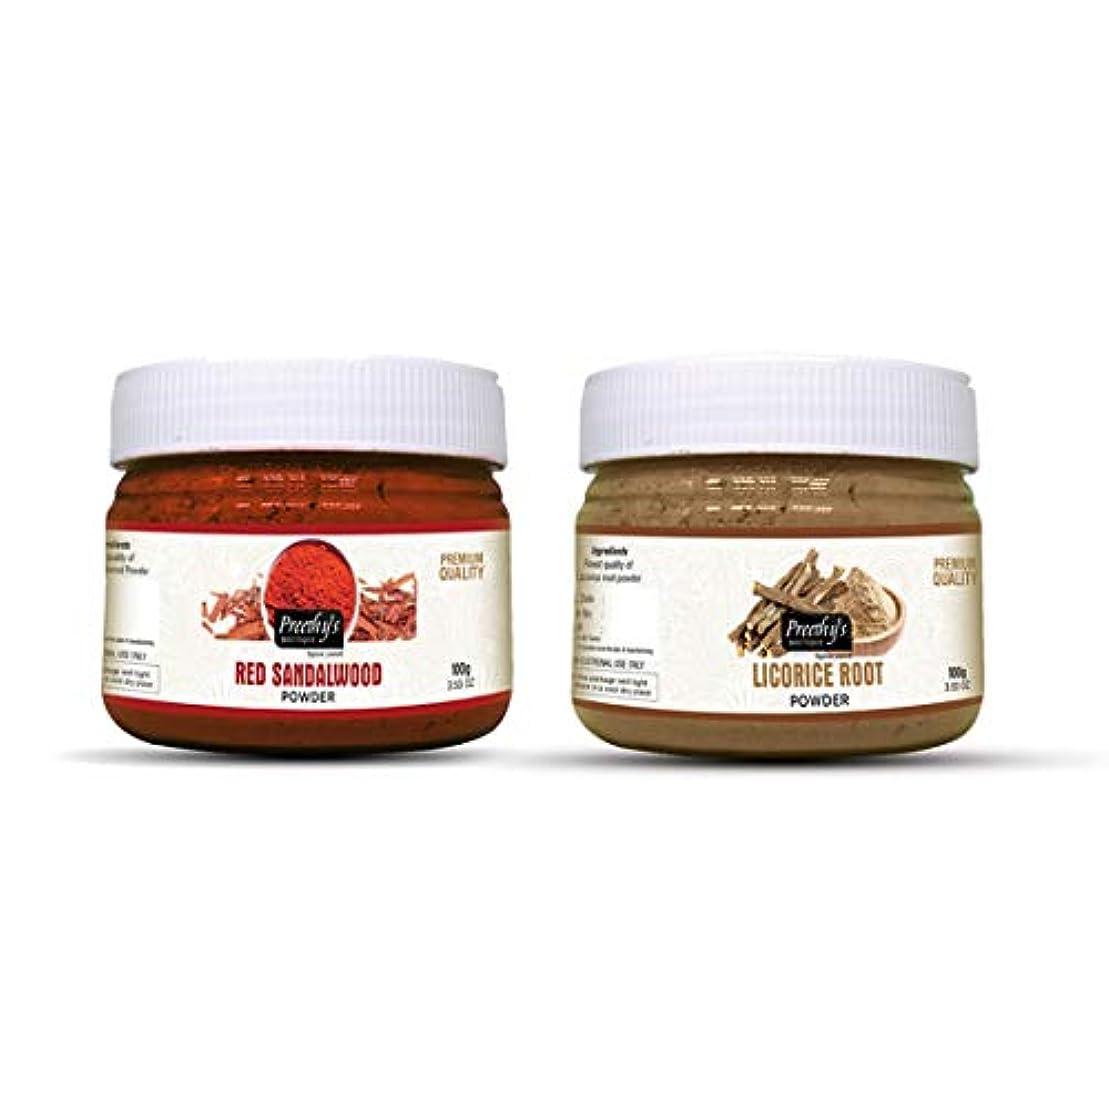 エイズブラシ放送Combo offer Of Licorice root powder 100gm & Red sandalwood powder 100gm - Natural Remedies for Skin Disorders,...